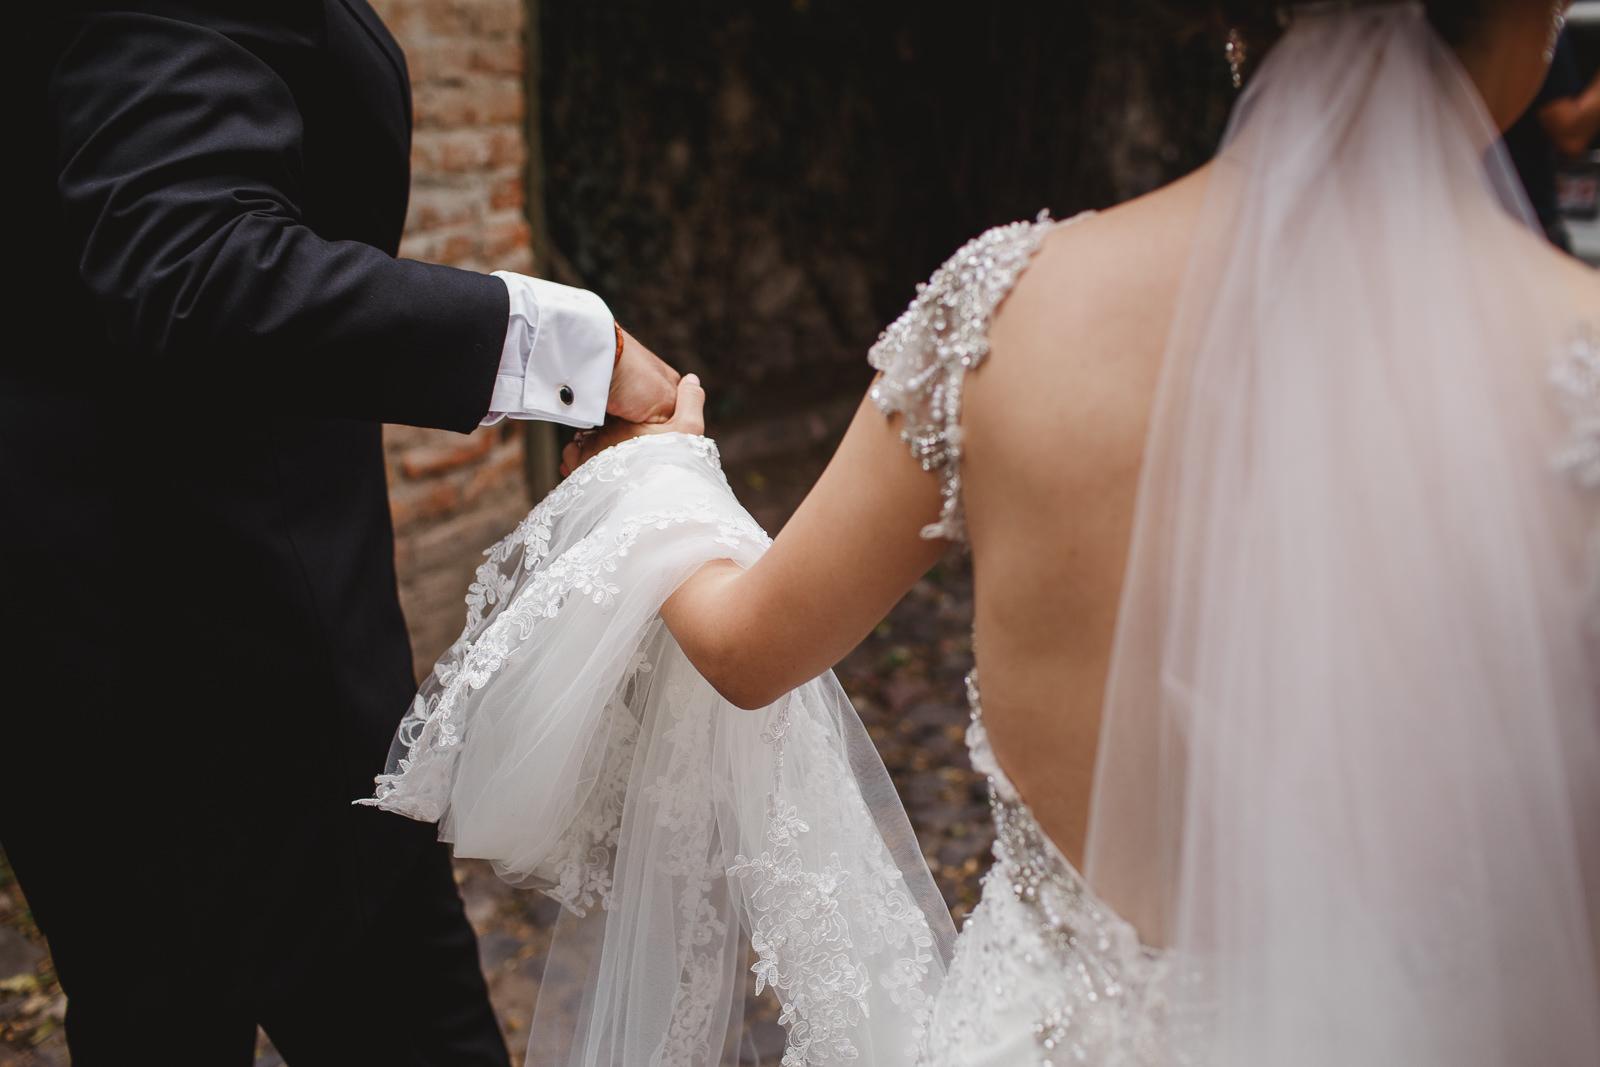 fotografo-de-bodas-san-miguel-de-allende-028